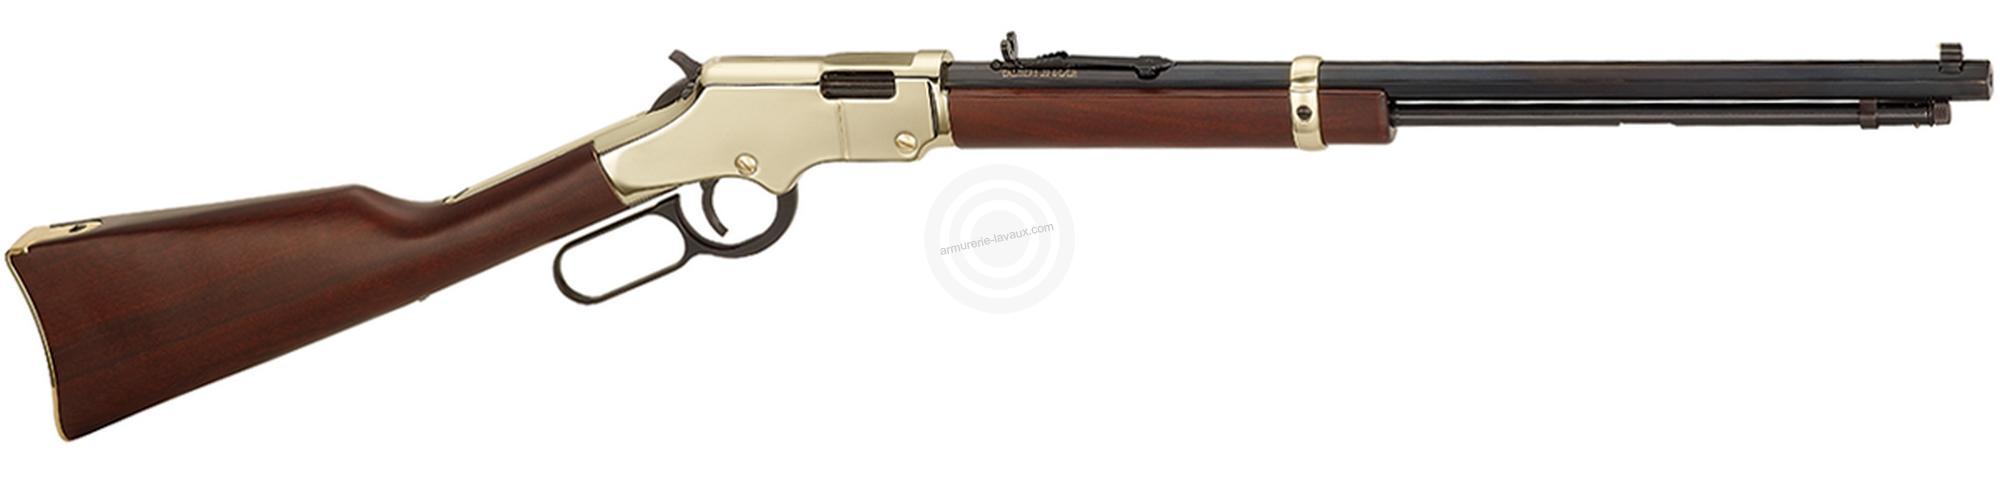 Carabine 22 LR HENRY Lever Action Golden Boy